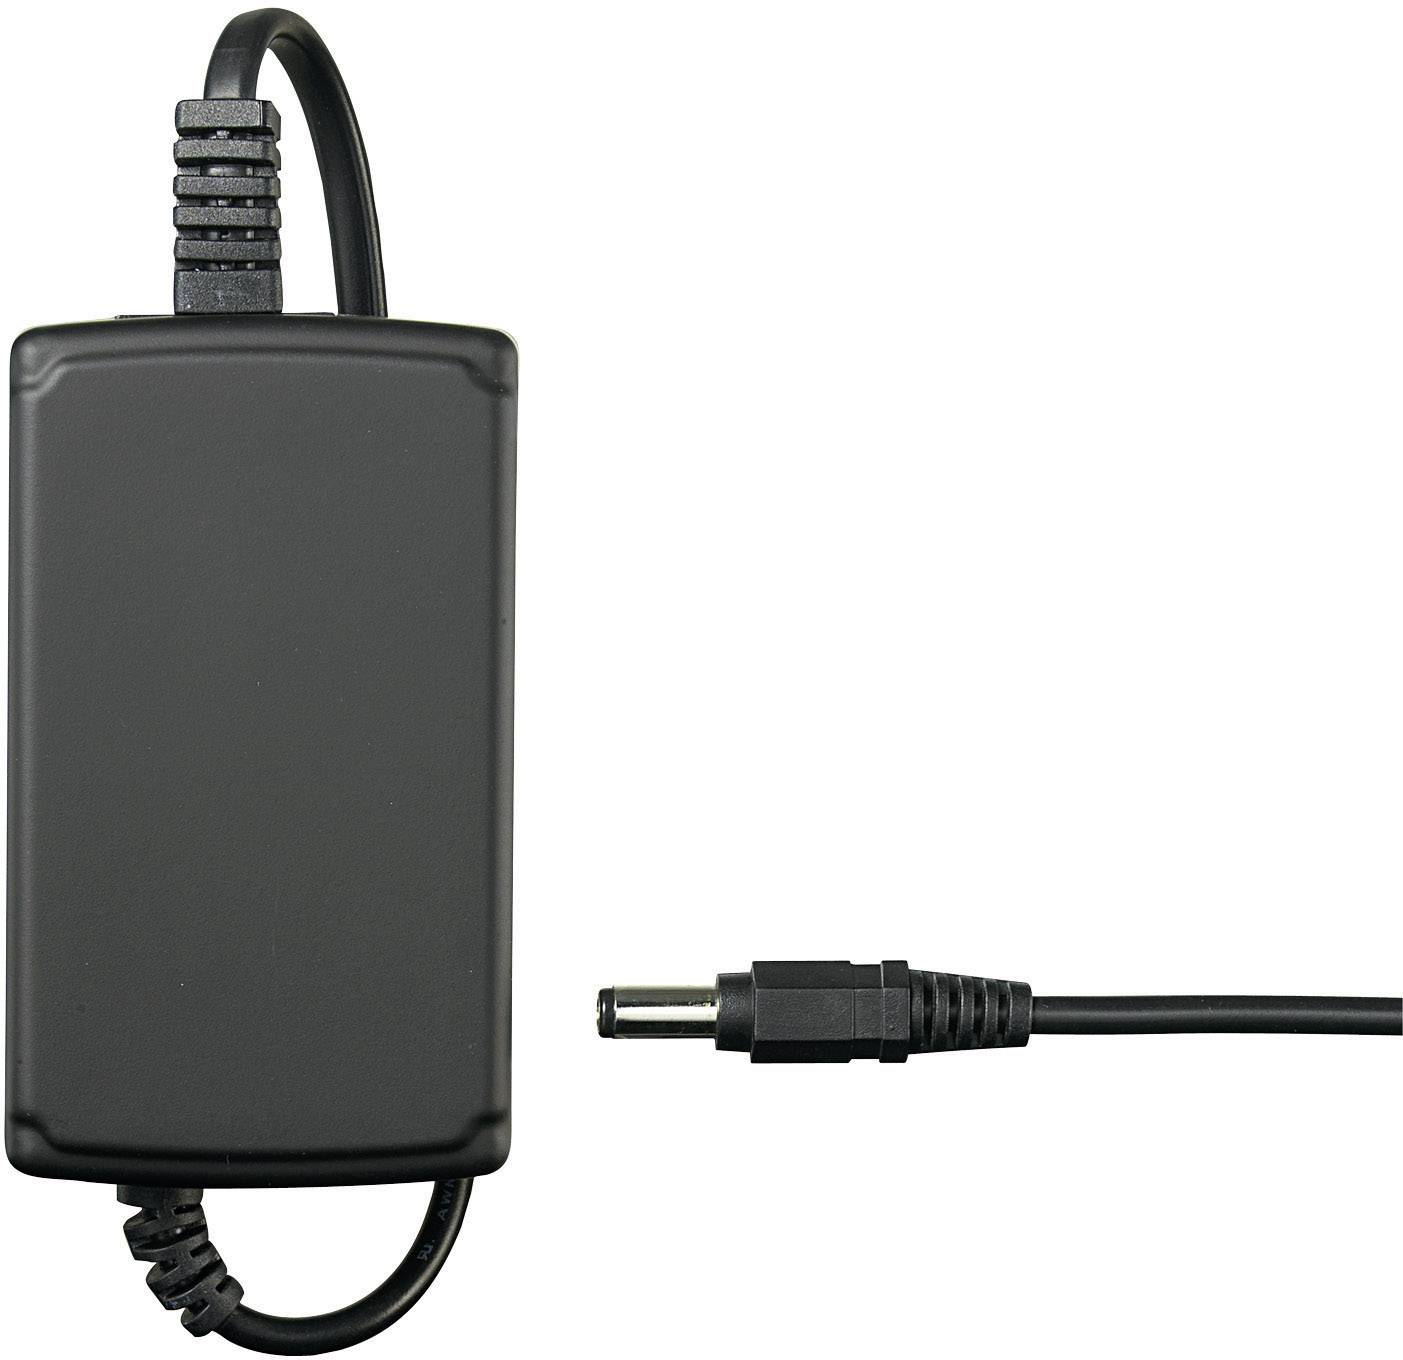 Síťový adaptér Voltcraft FTPS, 5 VDC, 18 W